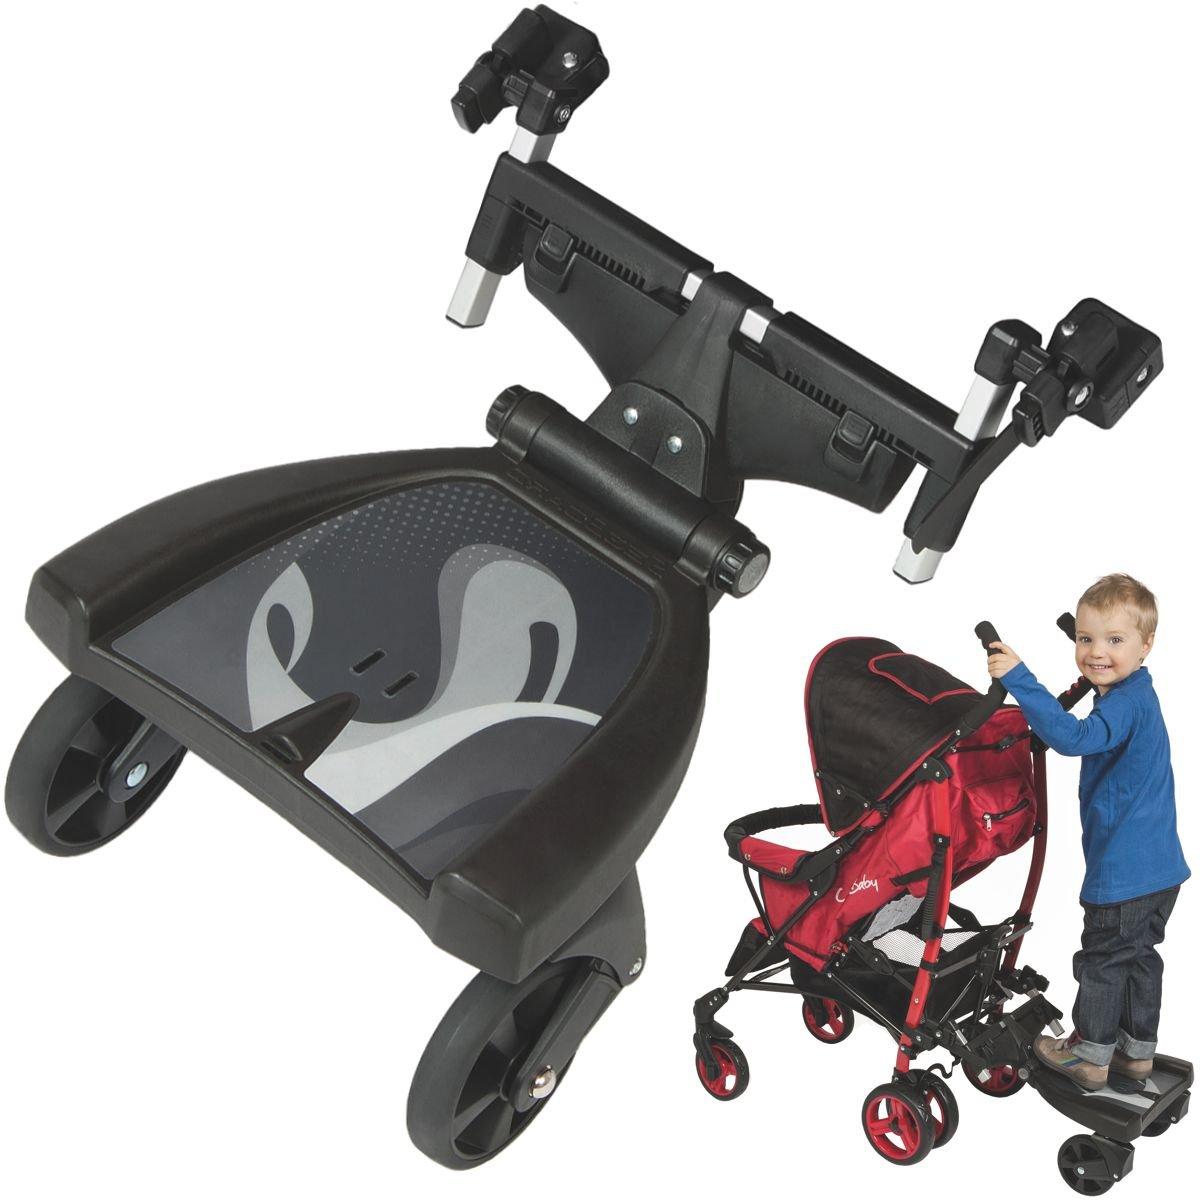 Erweiterung Buggy Board Trittbrett f/ür Kinderwagen Buggy Sportwagen Jogger//Zusatzsitz mit Sicherheitsgriff 3-fach verstellbar Buggy-Board